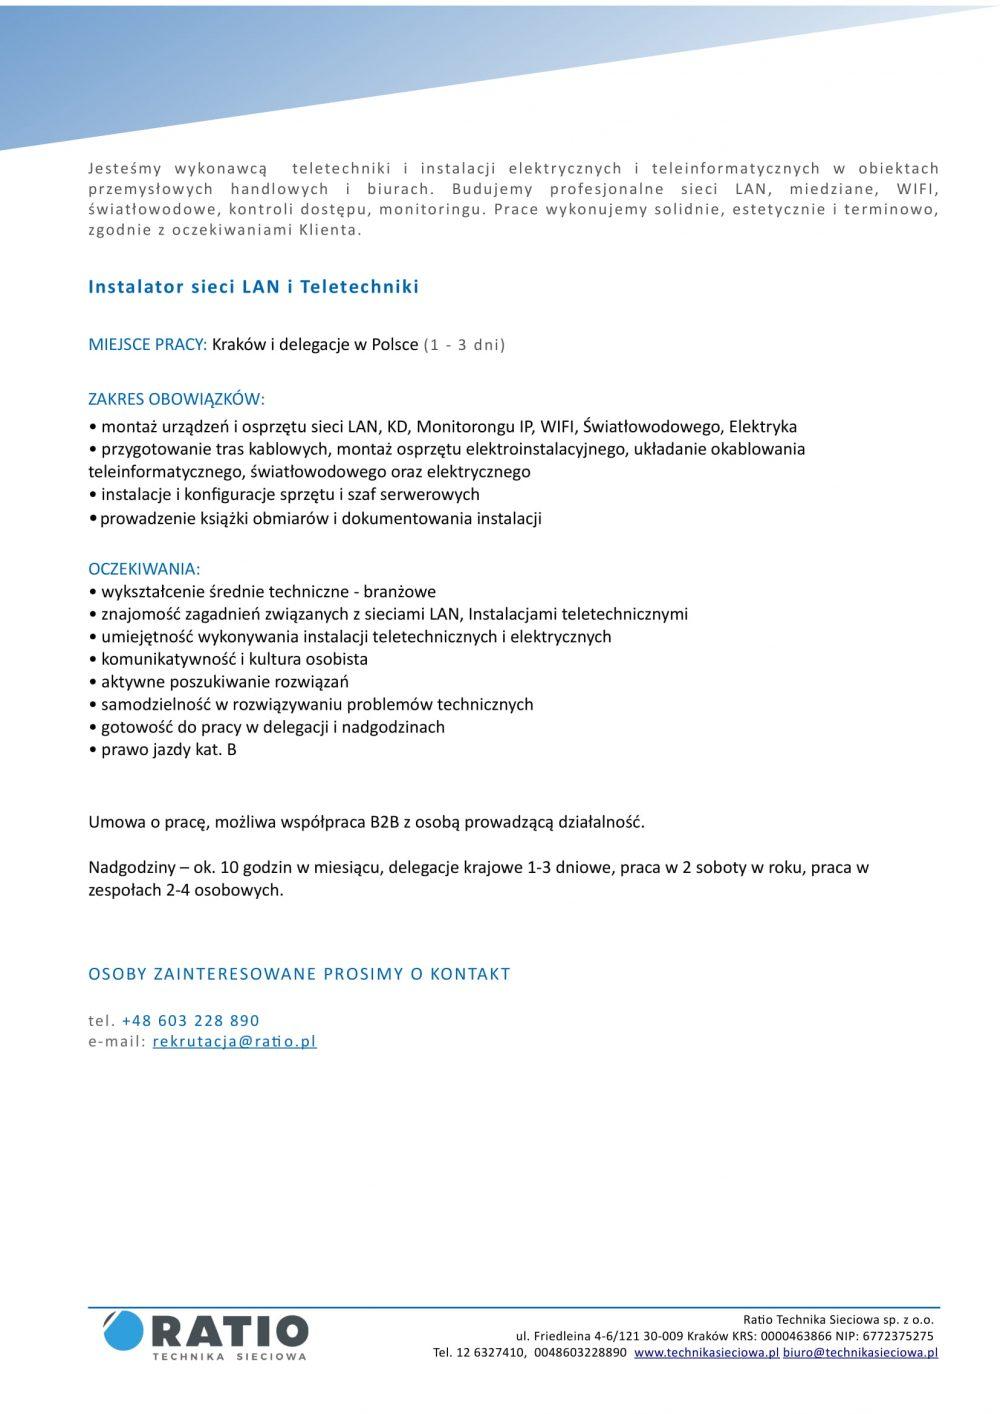 Oferta pracy - Instalator LAN i Teletechniki